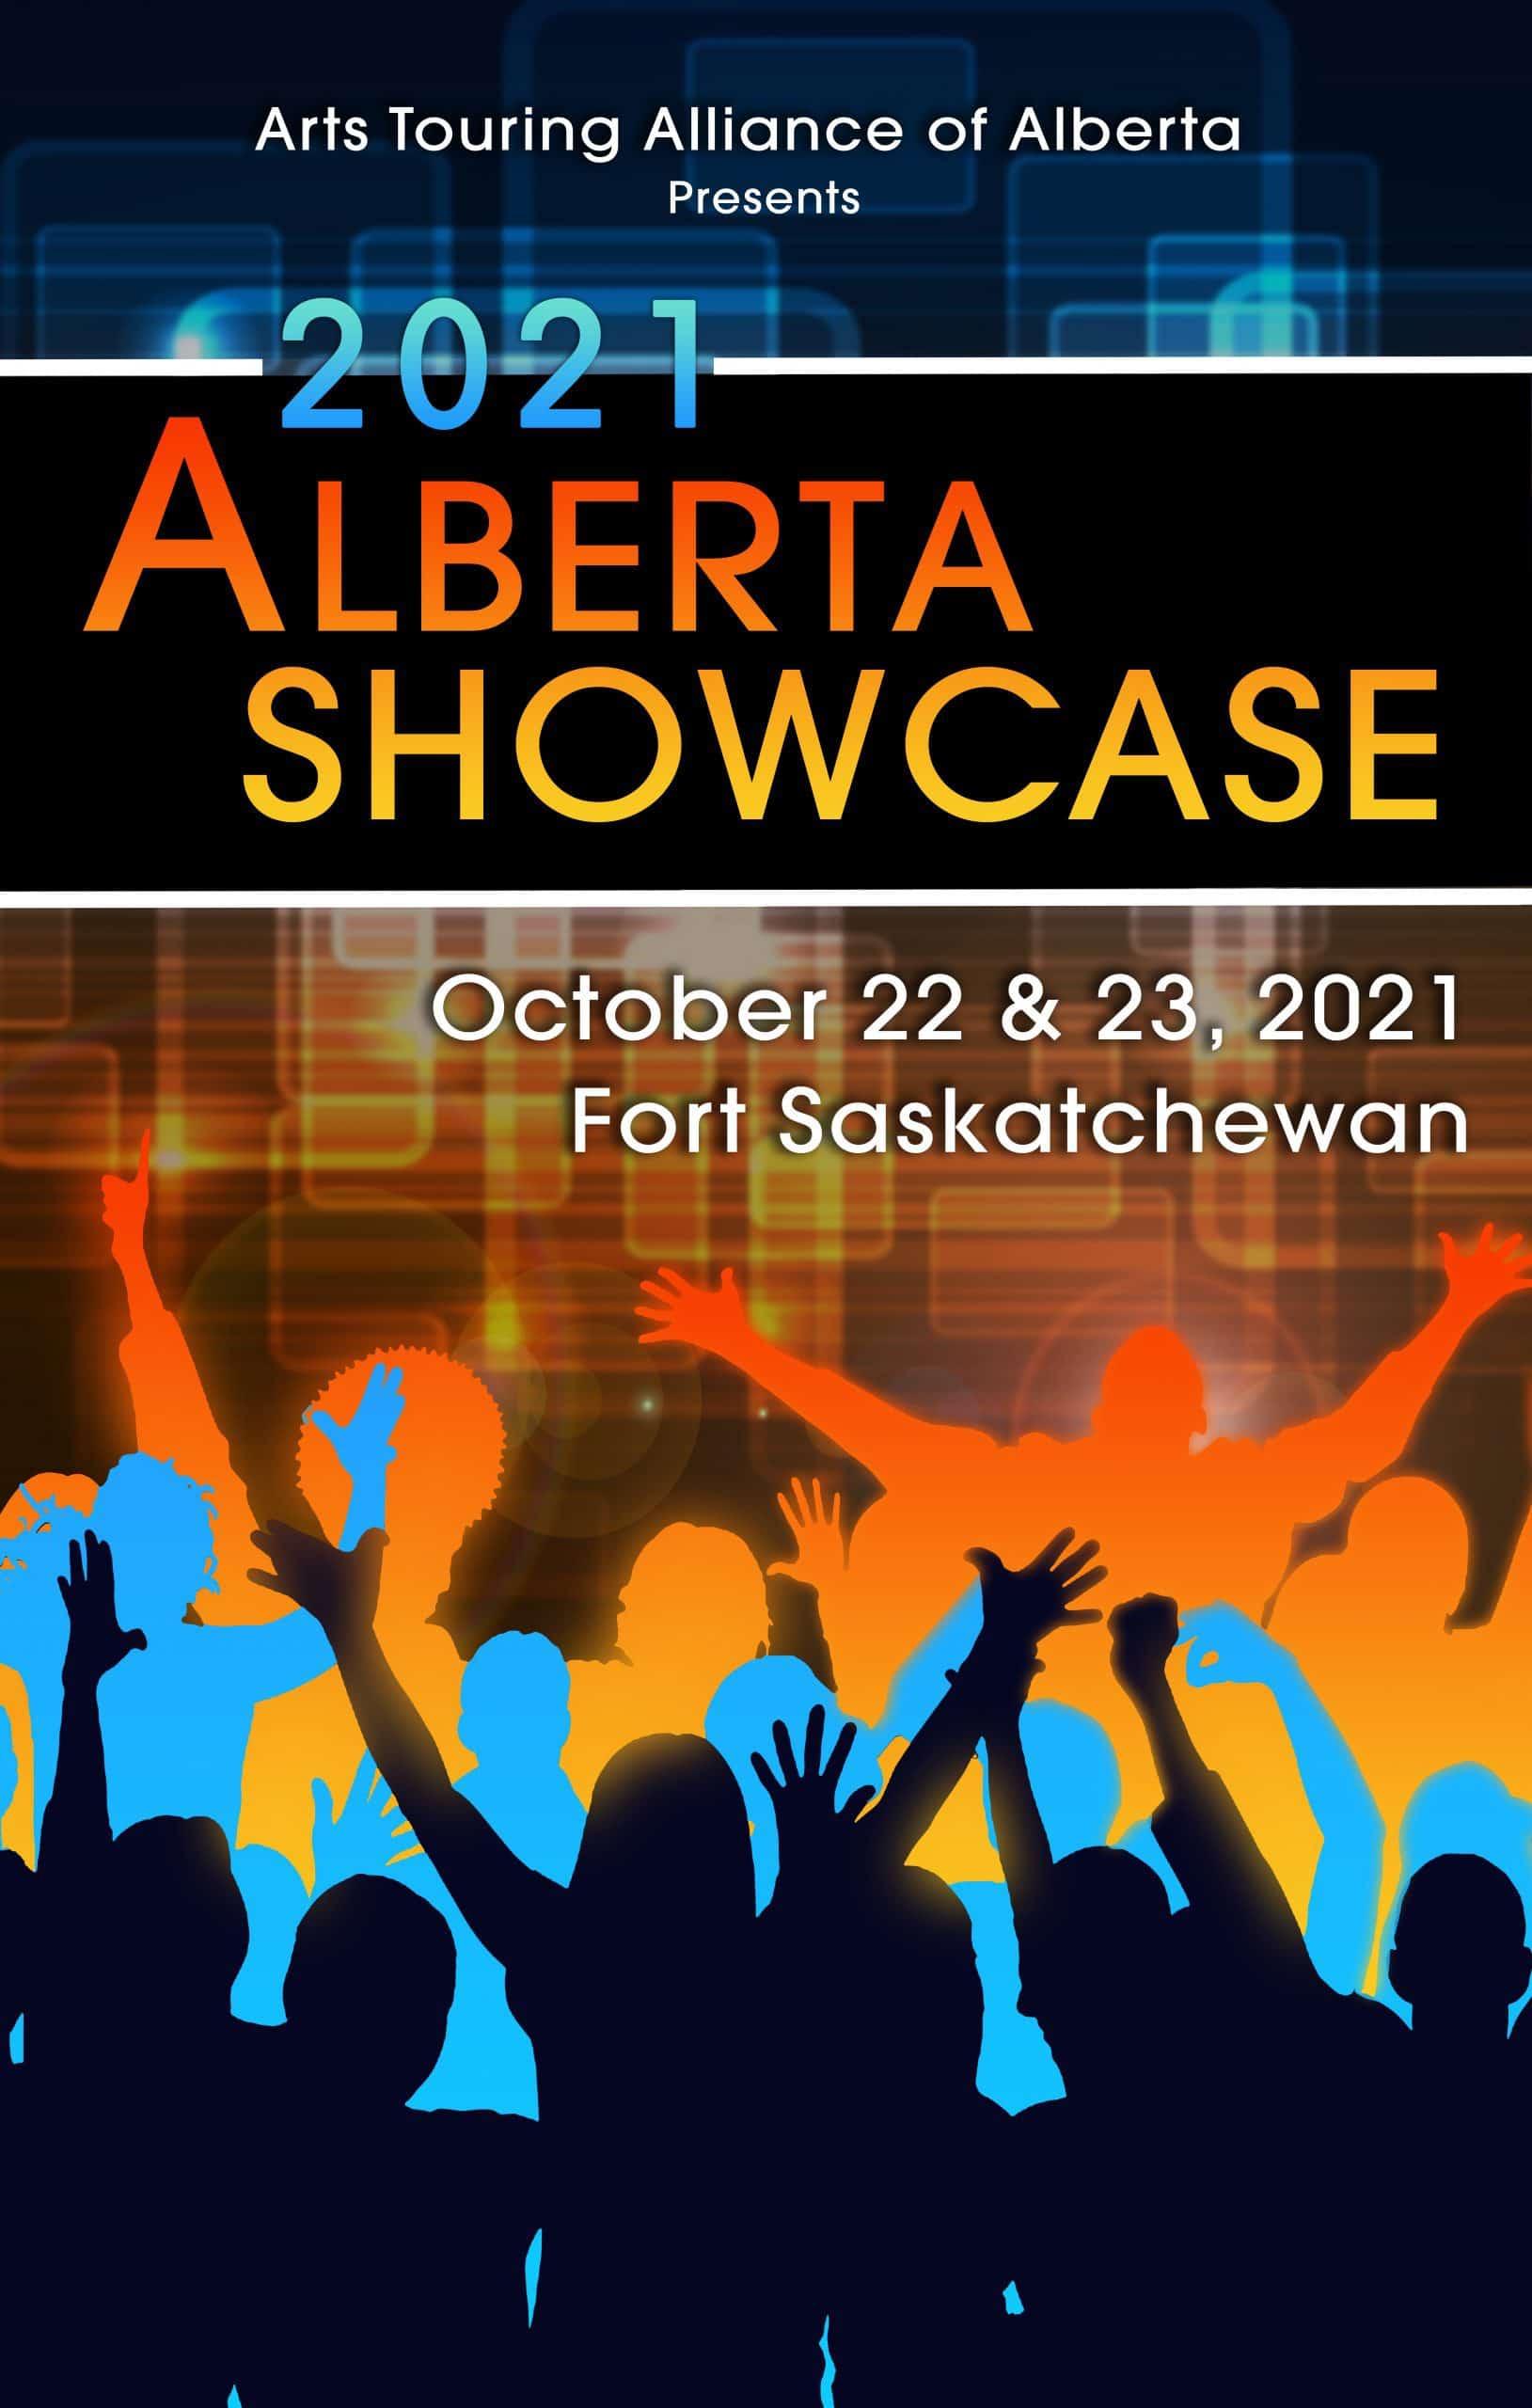 Alberta Showcase 2021